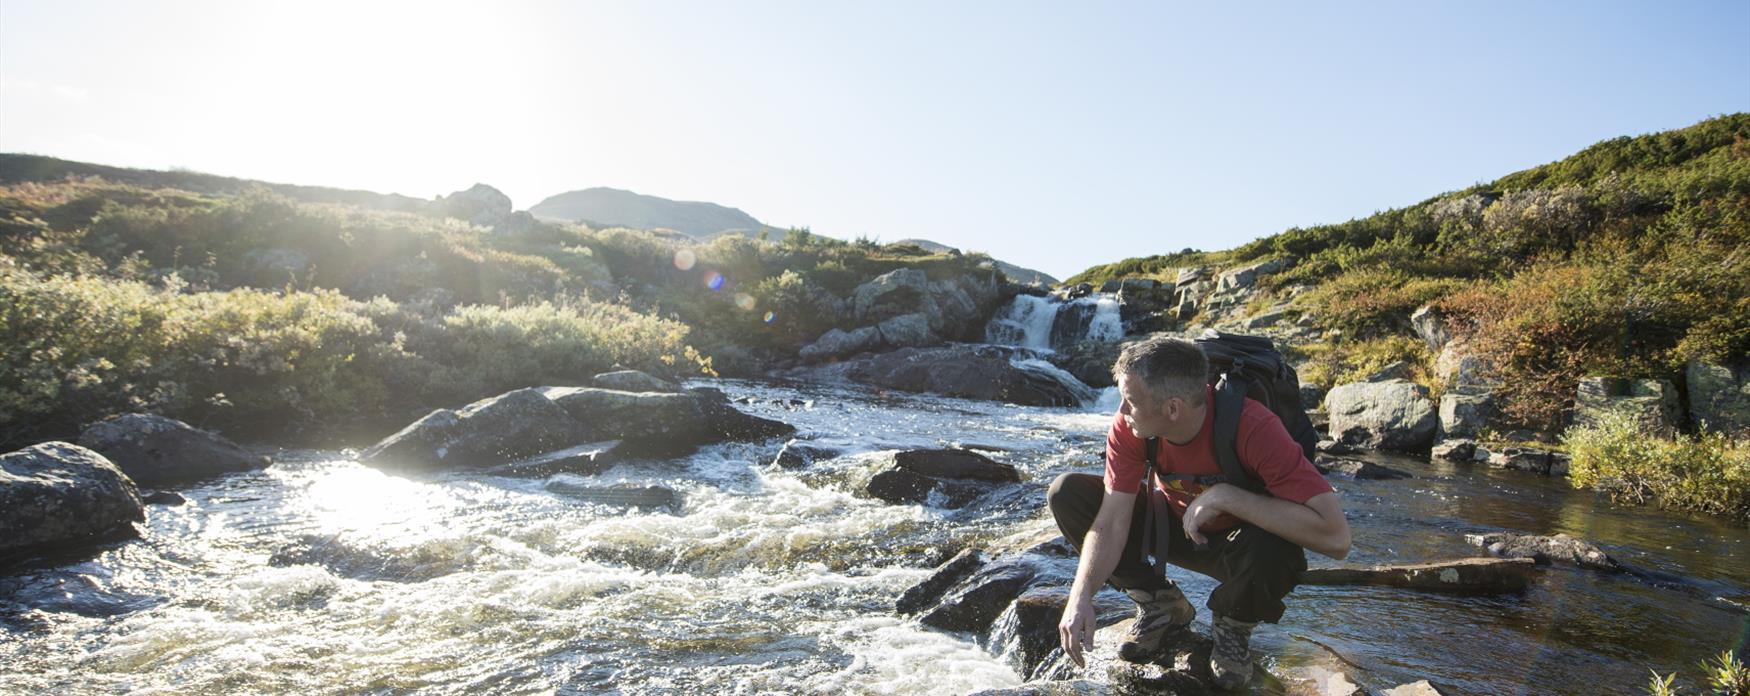 Mann som drikker vann fra elva